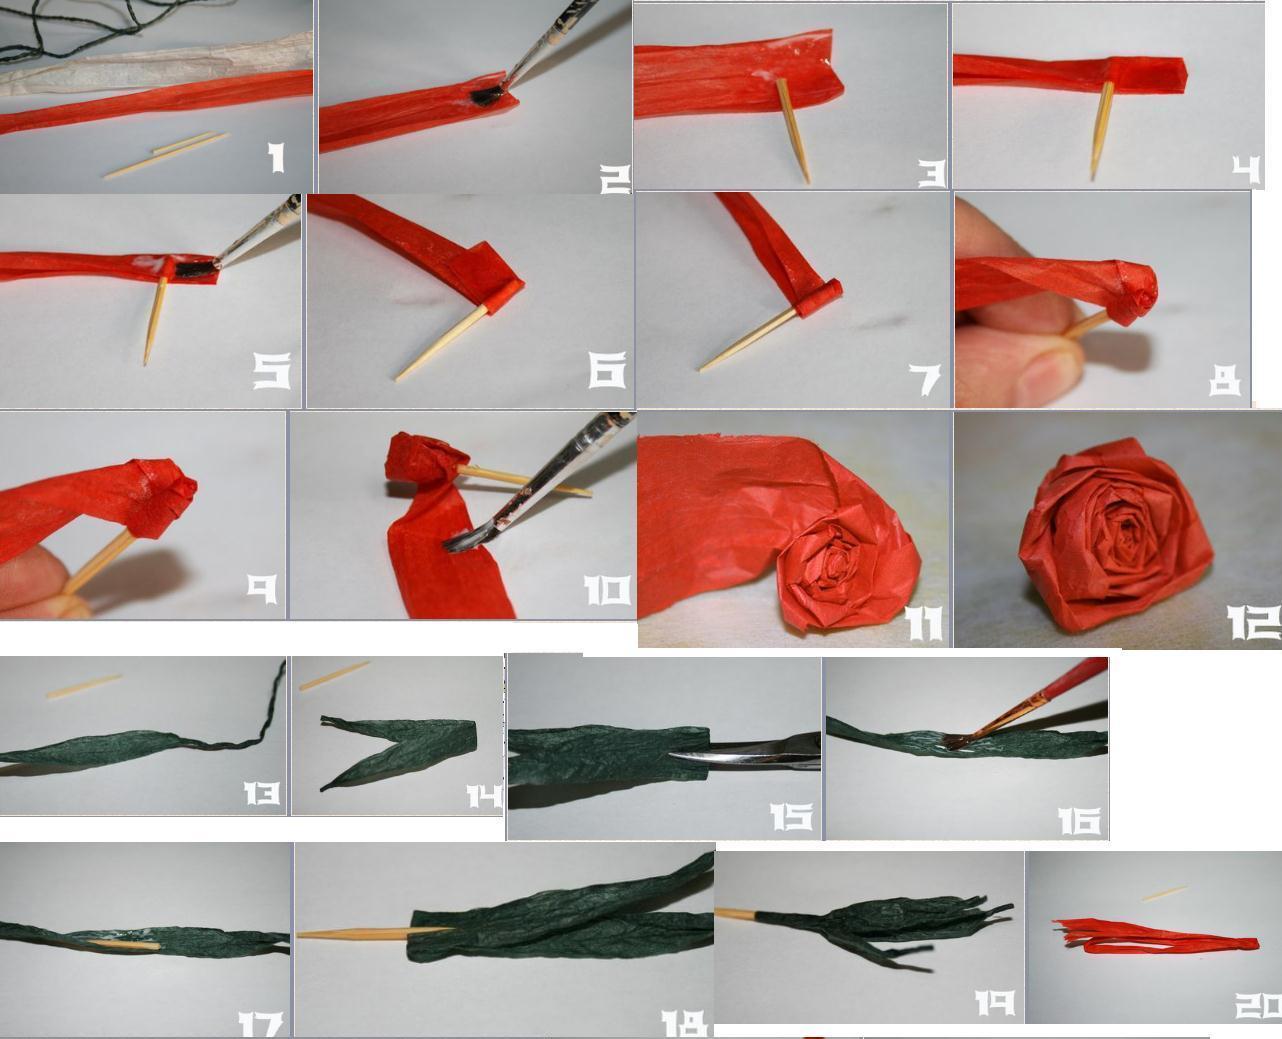 Цветок из бумажной ленты своими руками пошаговое